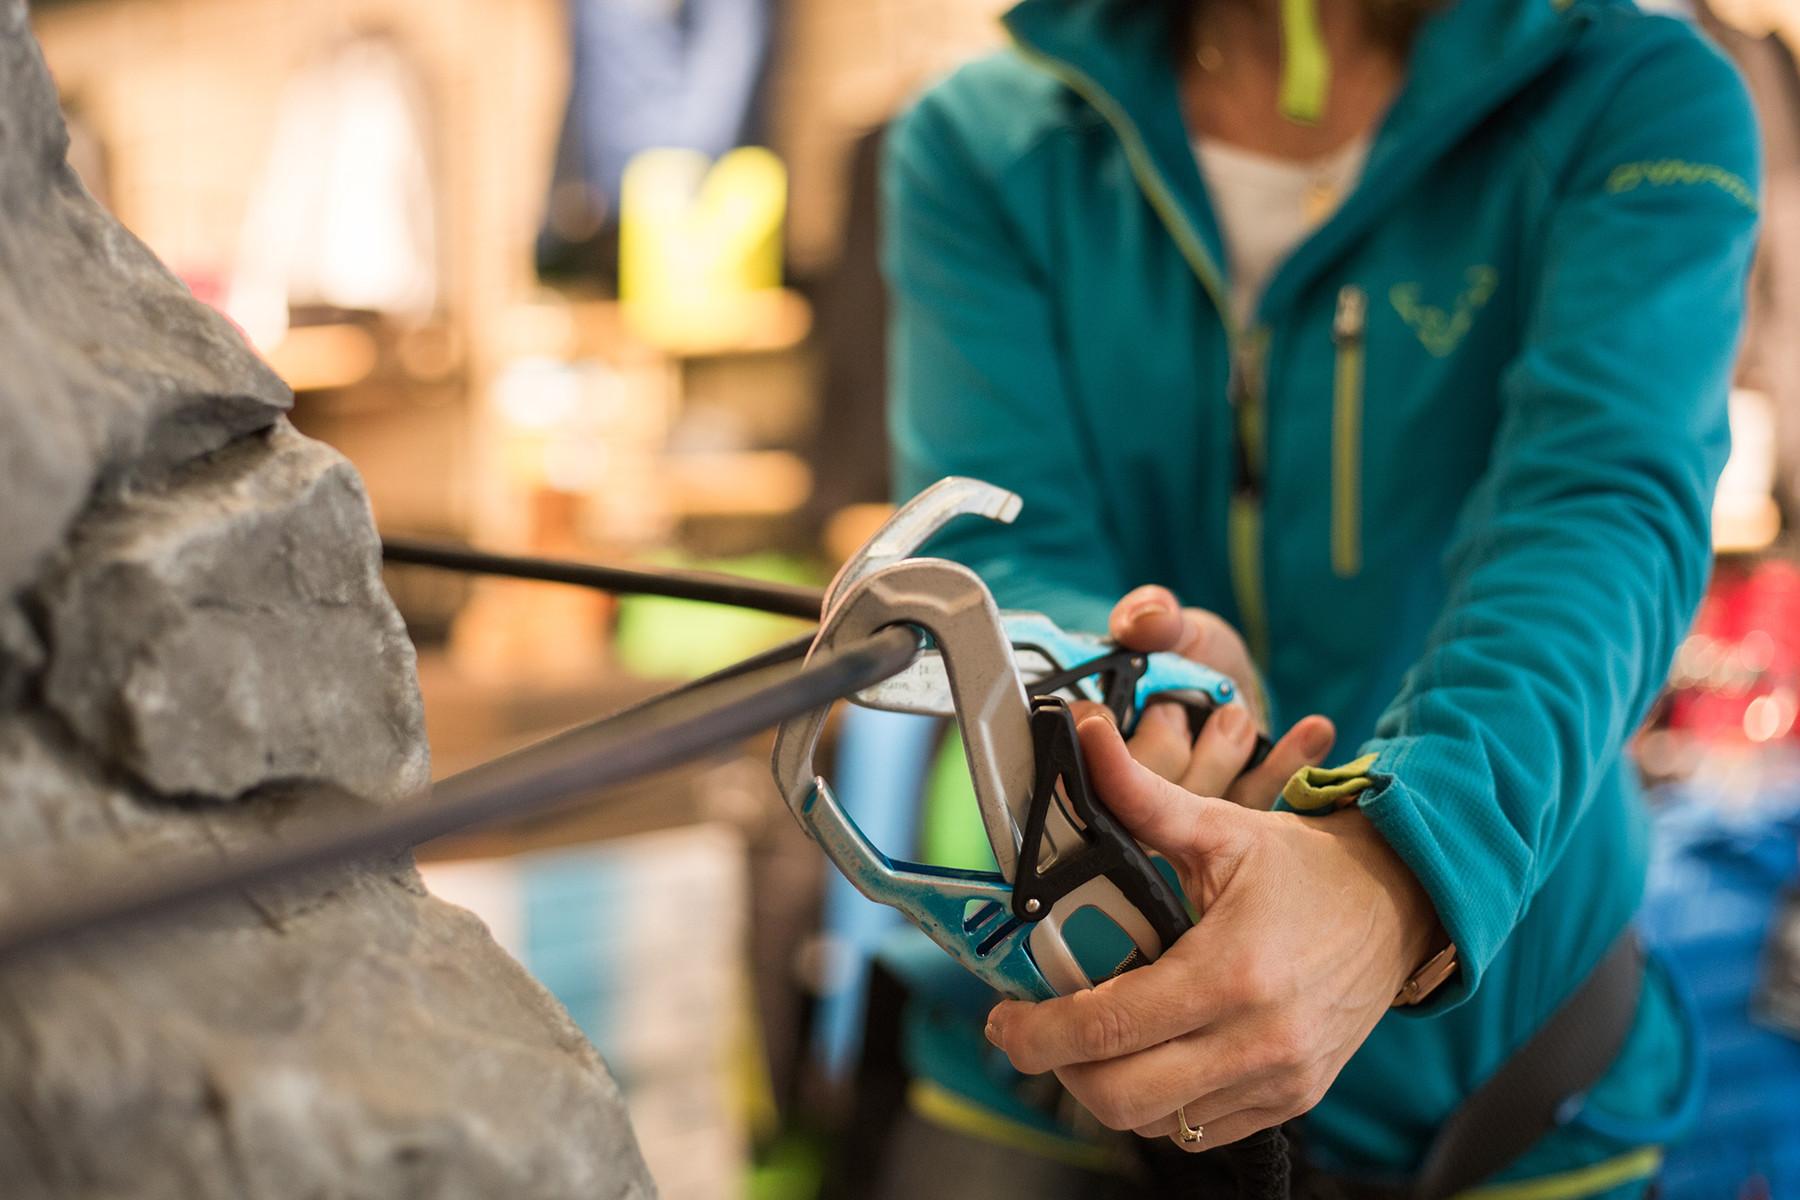 Klettersteigset Verleih Salzburg : Klettersteigausrüstungs & kletterset verleih berchtesgaden